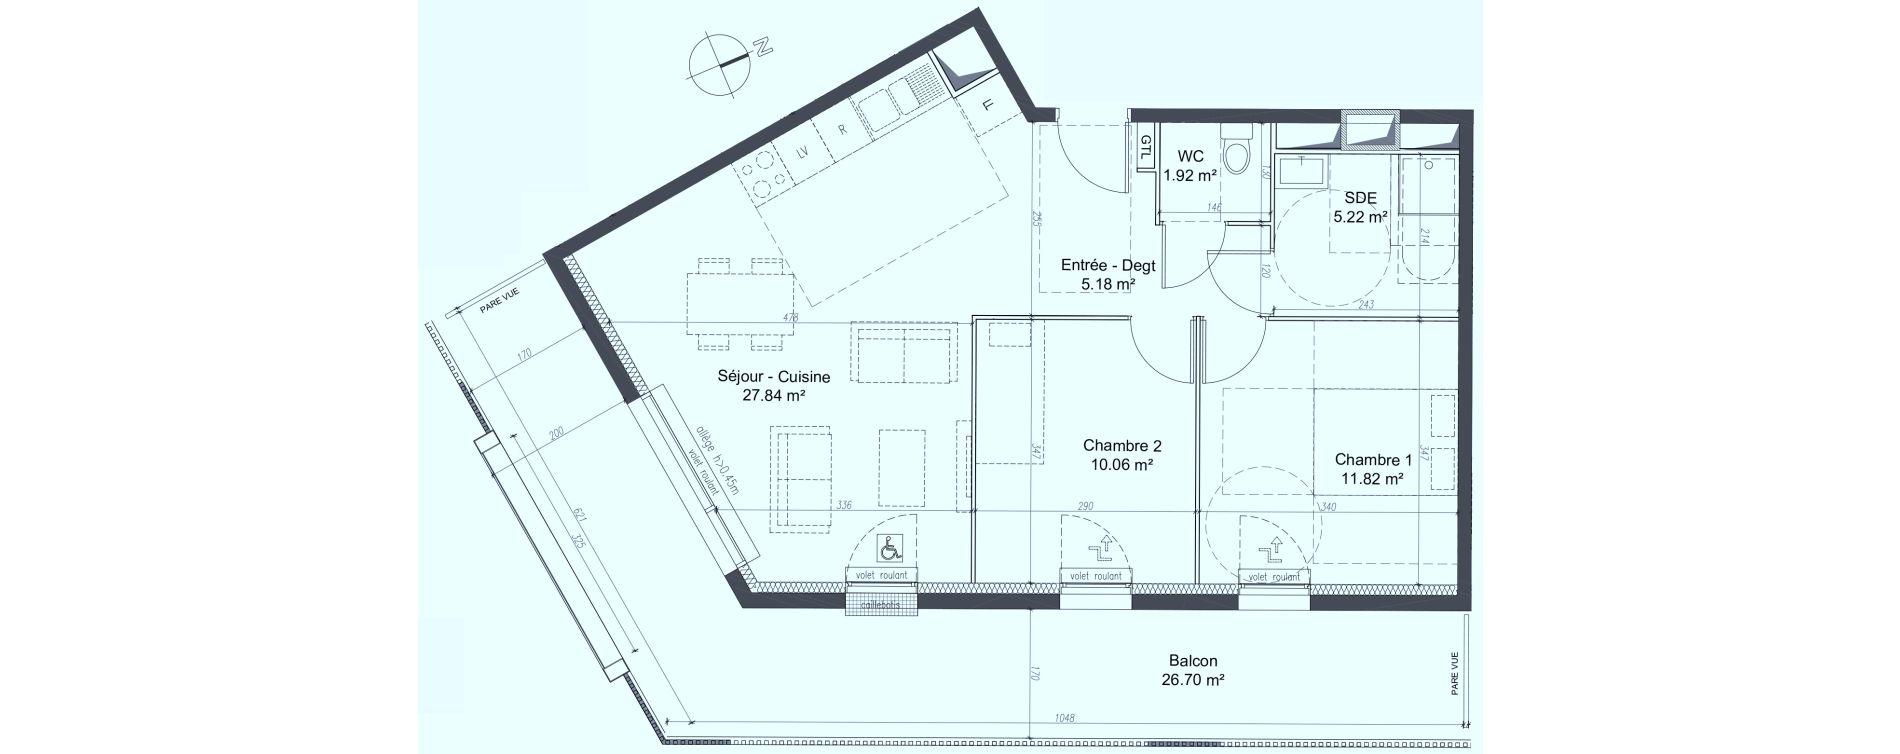 Appartement T3 de 62,33 m2 à Fleury-Sur-Orne Les hauts de l'orne